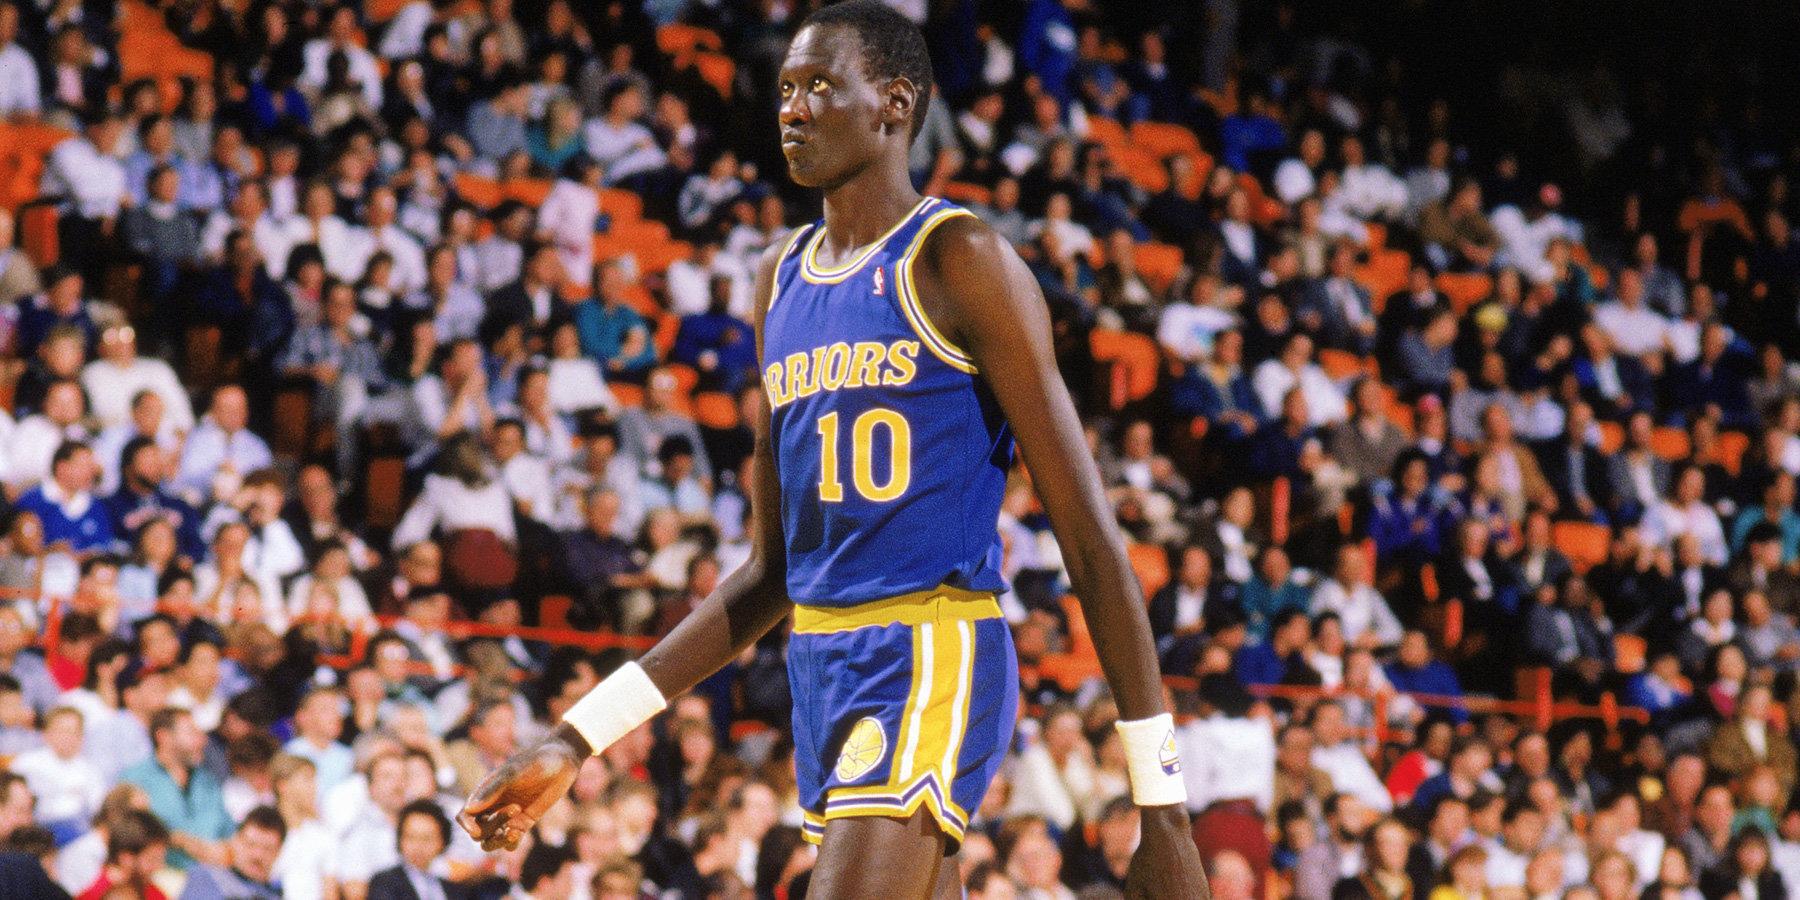 9d8fb66f Фамильная ценность. Сын самого высокого игрока готовится покорить НБА